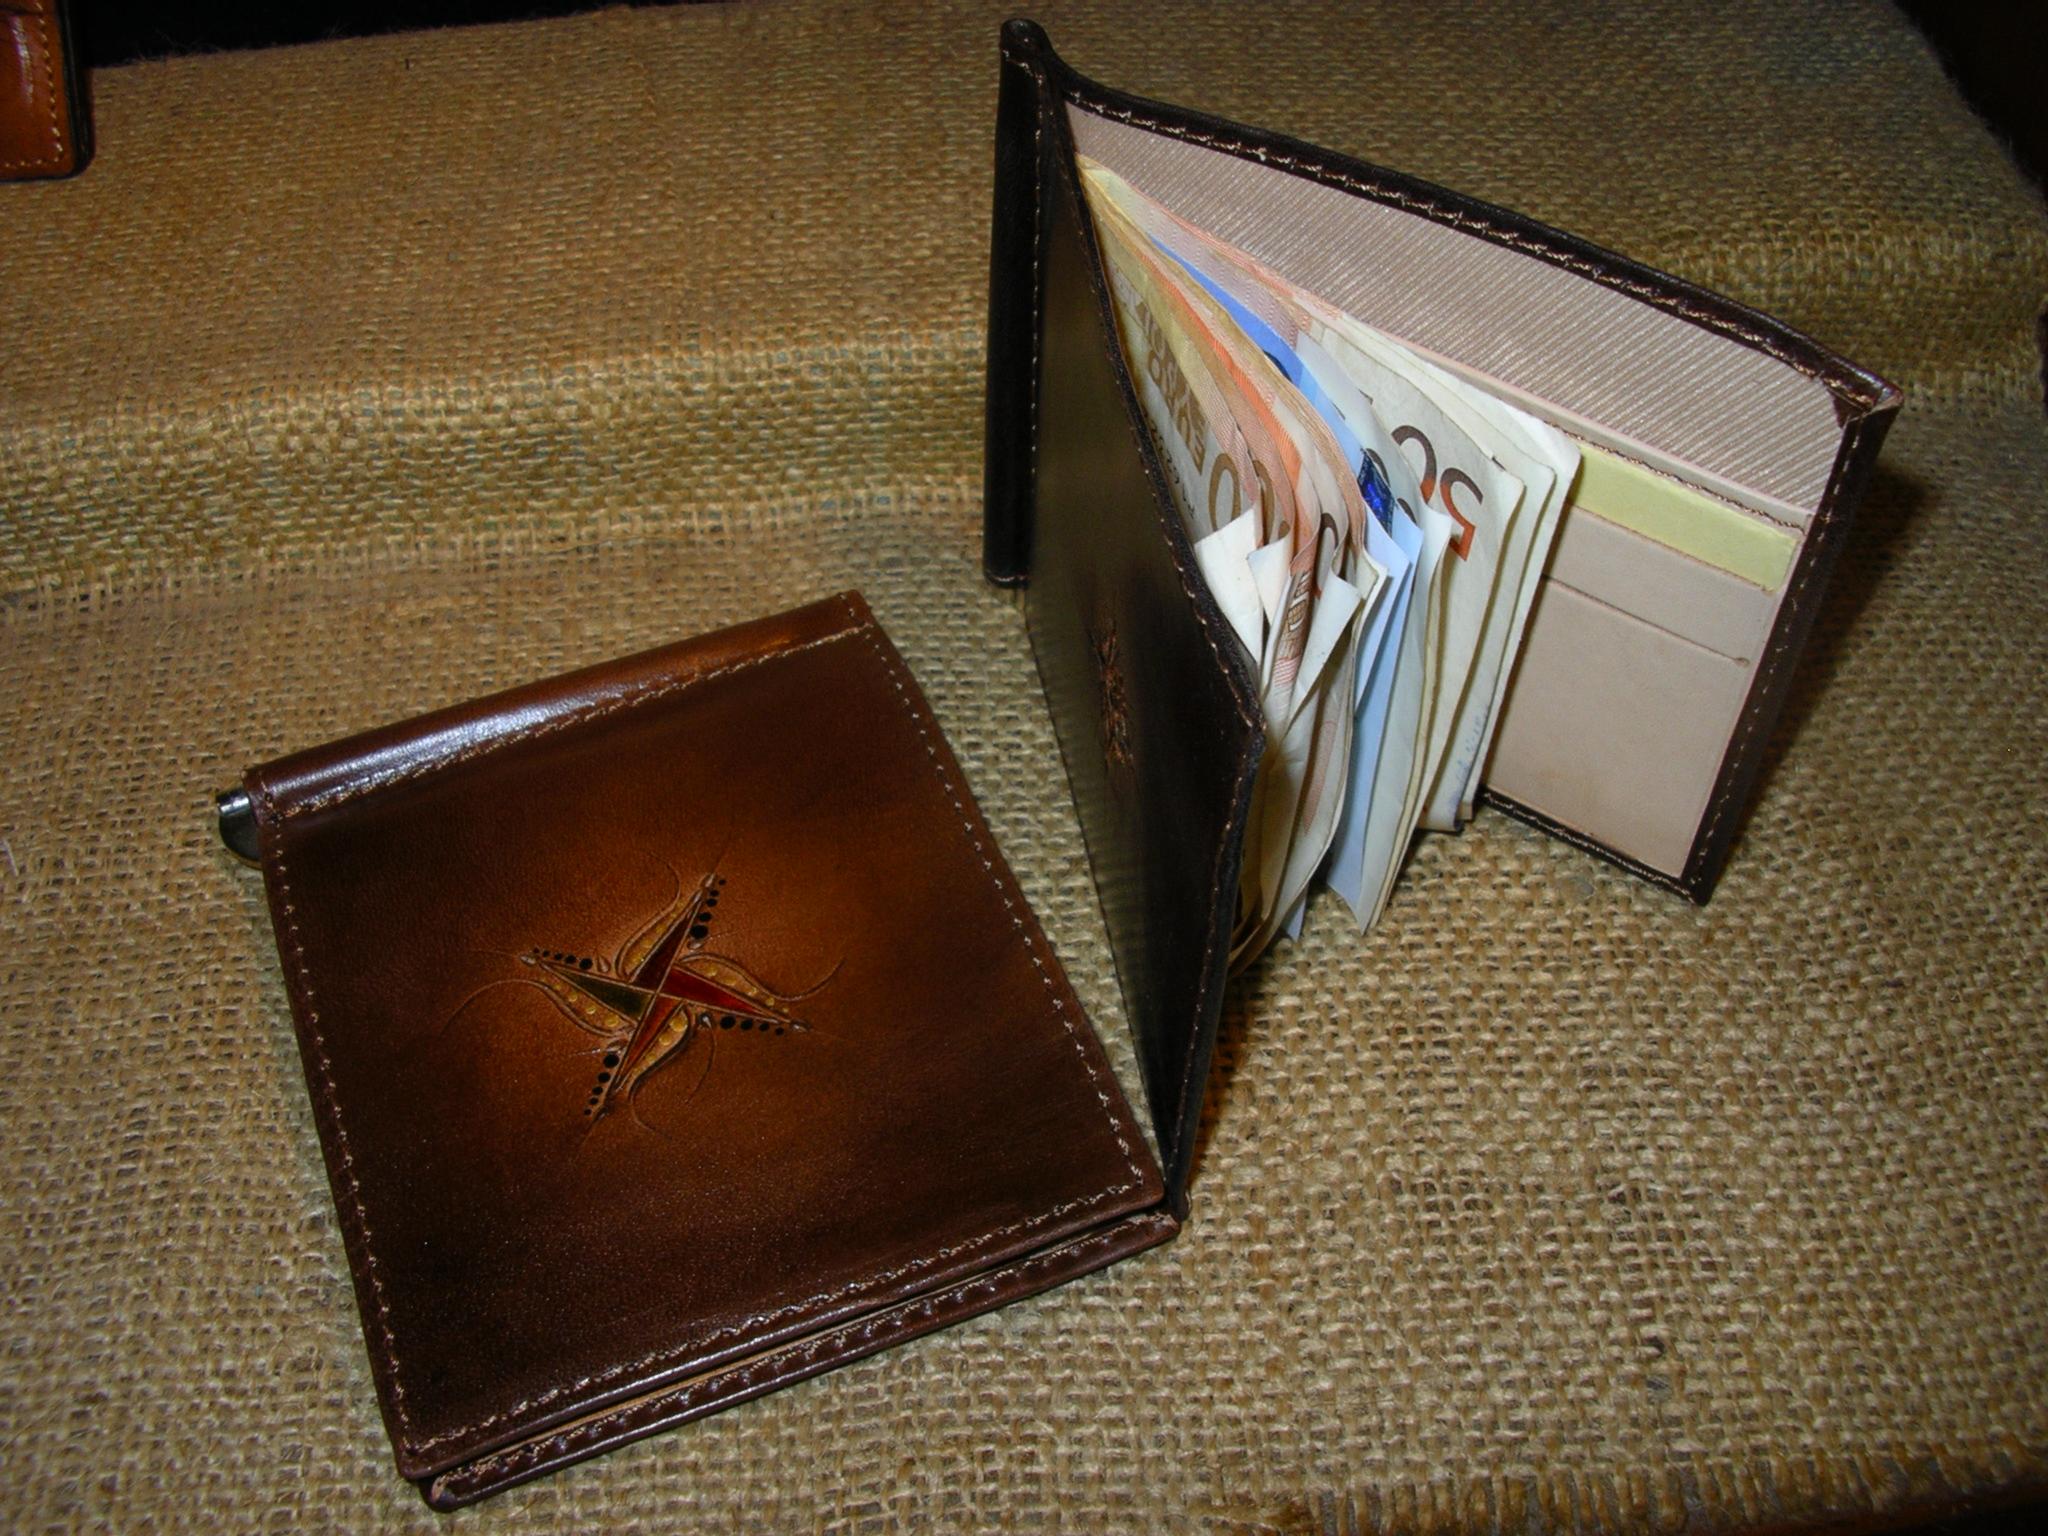 Portafogli cuoio e pelle porta carte e soldi in cuoio - Rito porta soldi ...